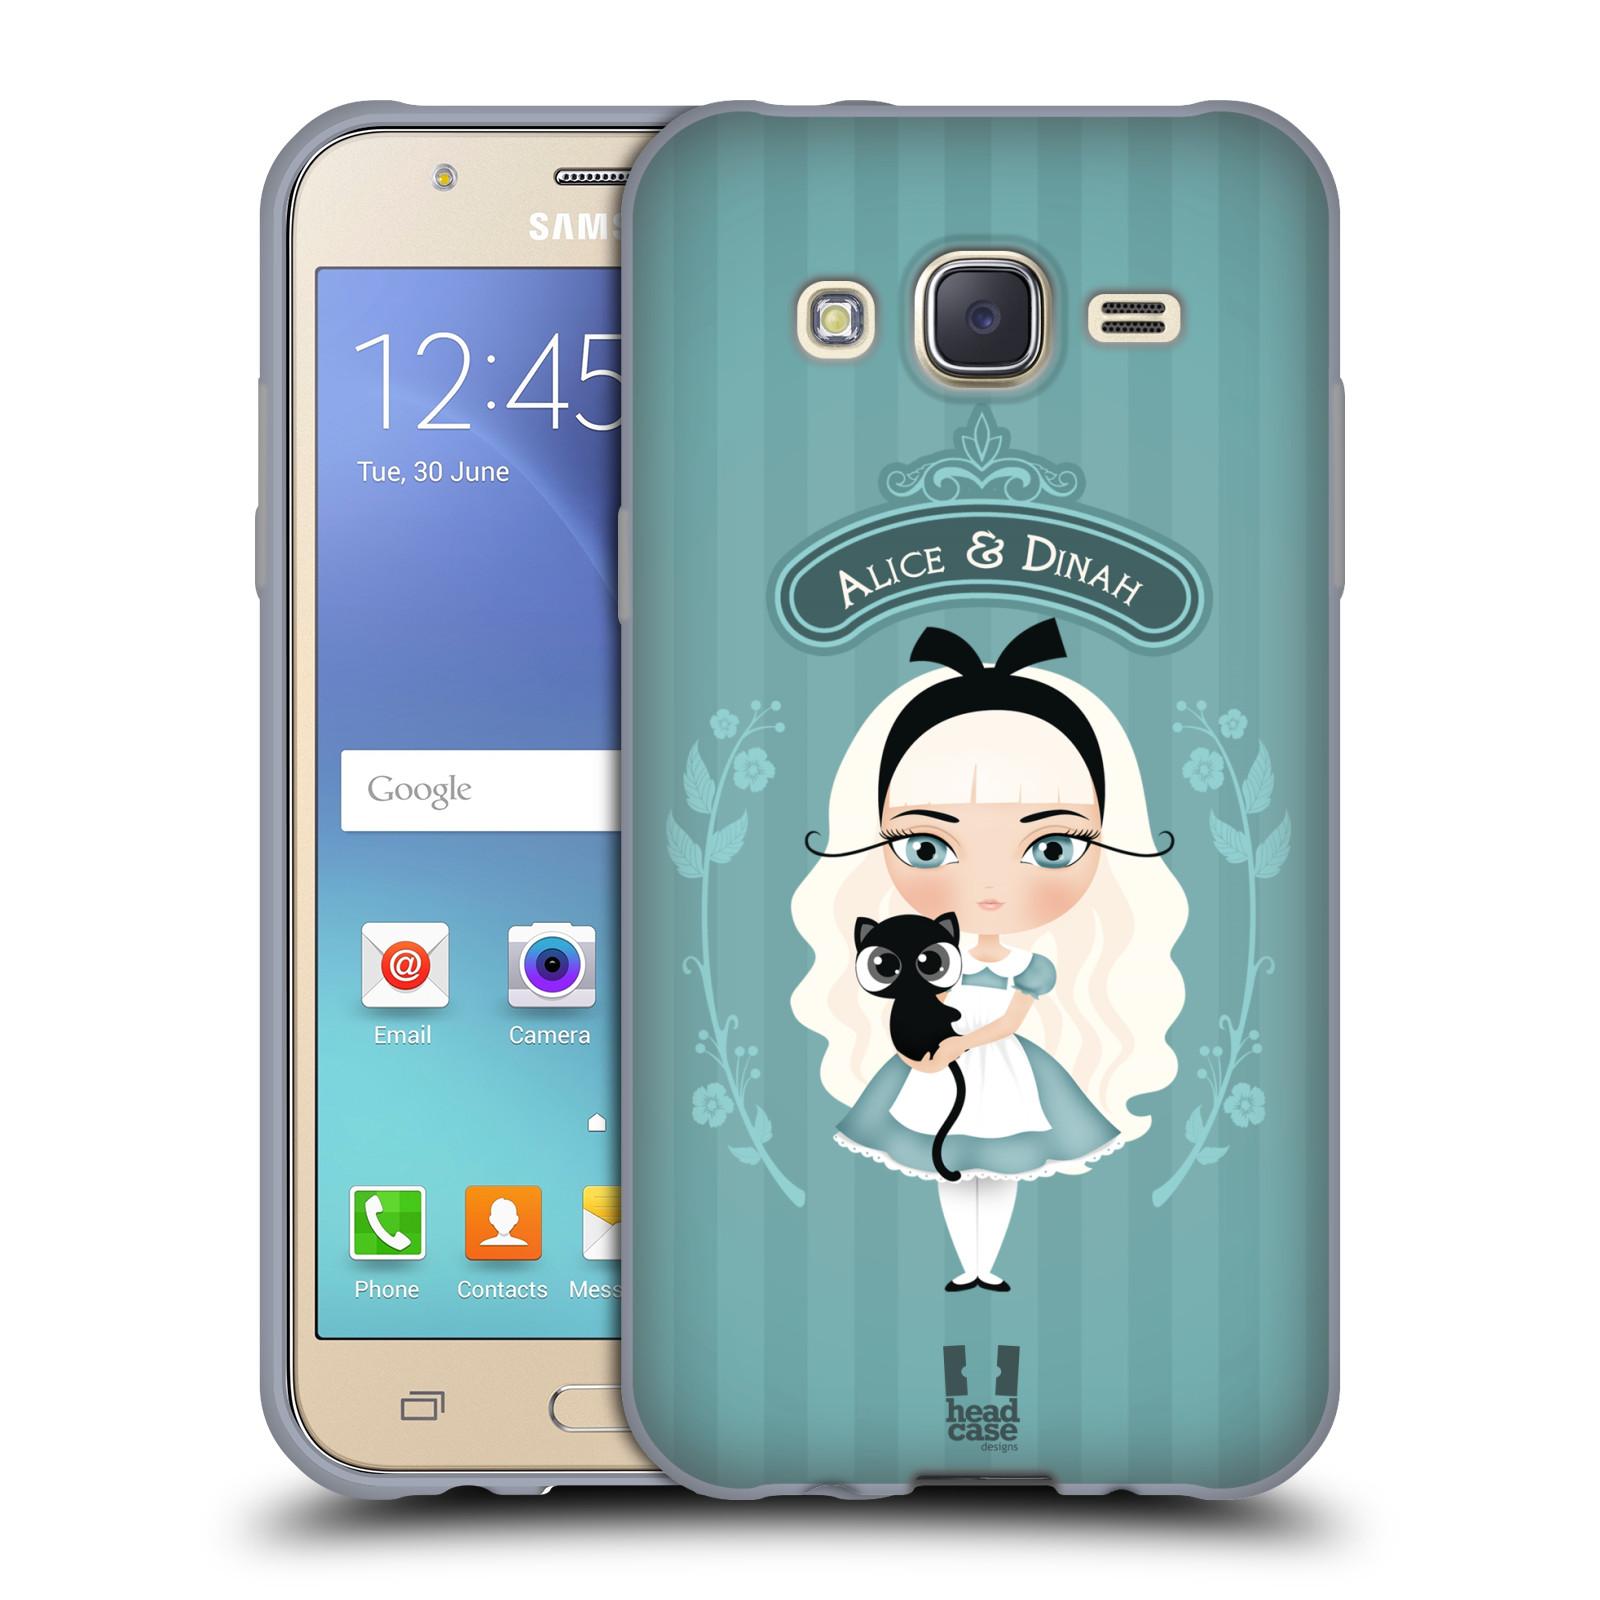 HEAD CASE silikonový obal na mobil Samsung Galaxy J5, J500, (J5 DUOS) vzor Alenka v říši divů Alenka